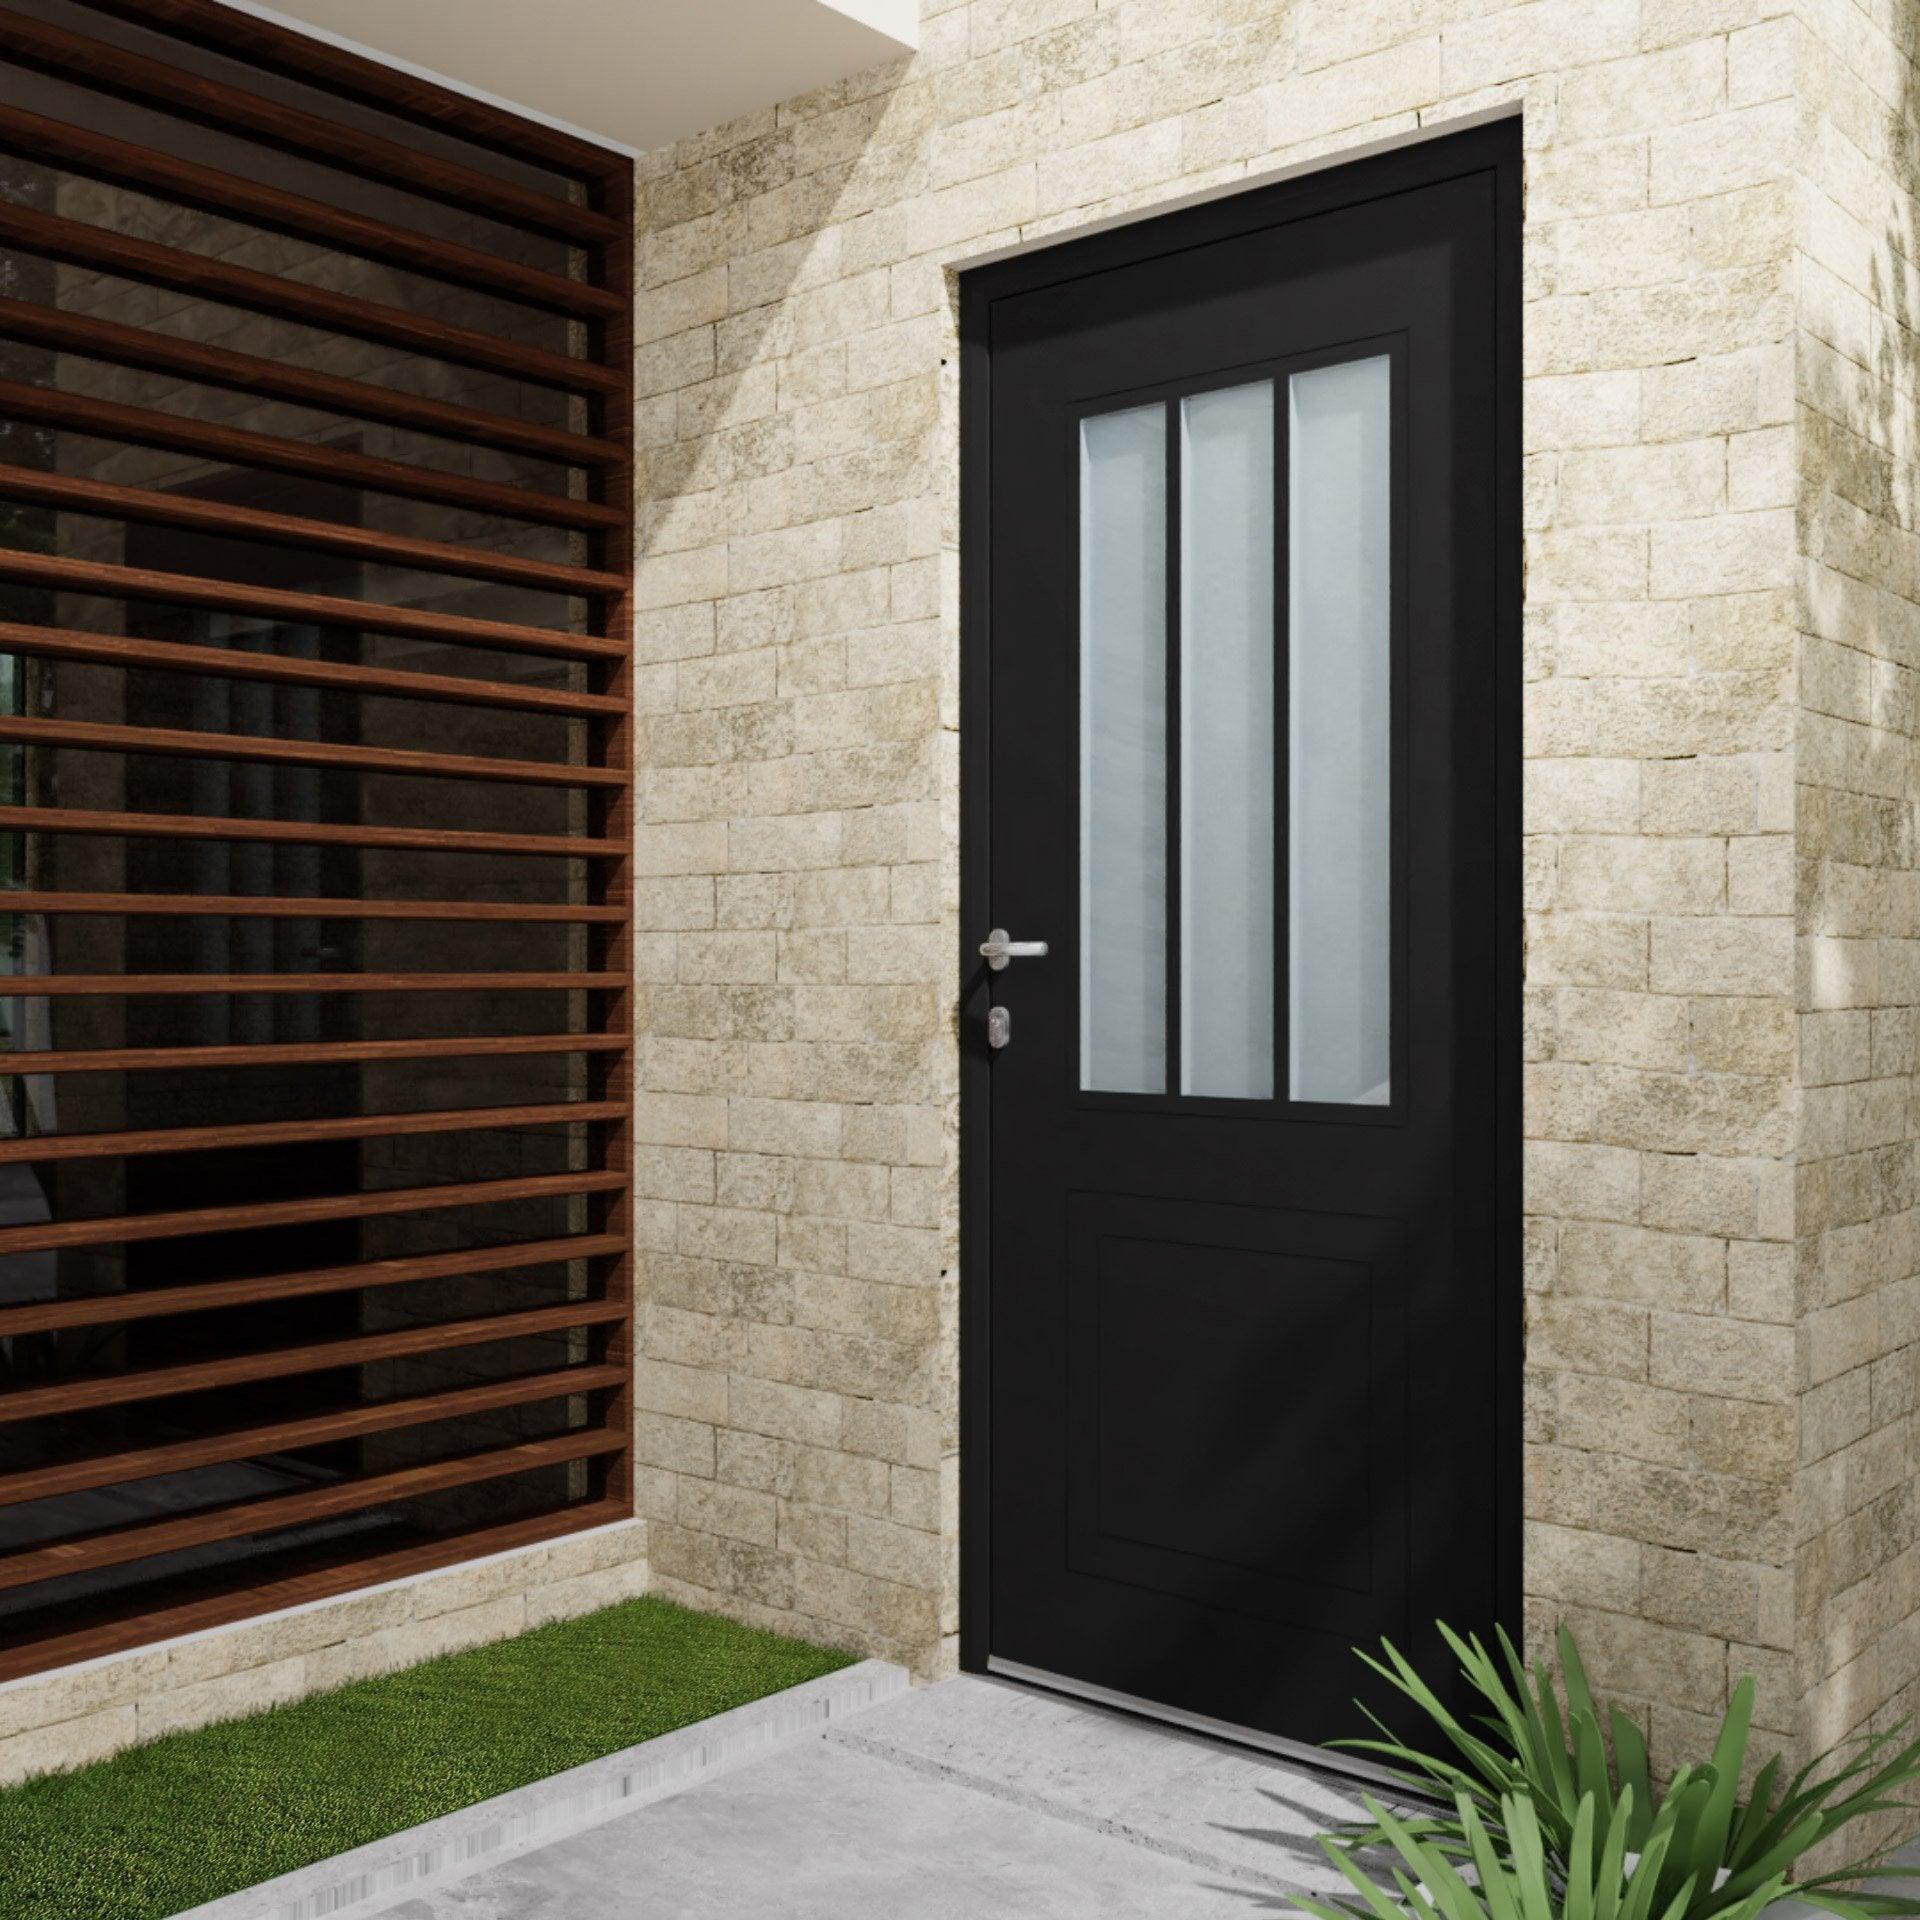 Fenetre Alu Noir Avis porte d'entrée alu atelier essentiel h.215 x l.90 cm vitrée noir, poussant  droit